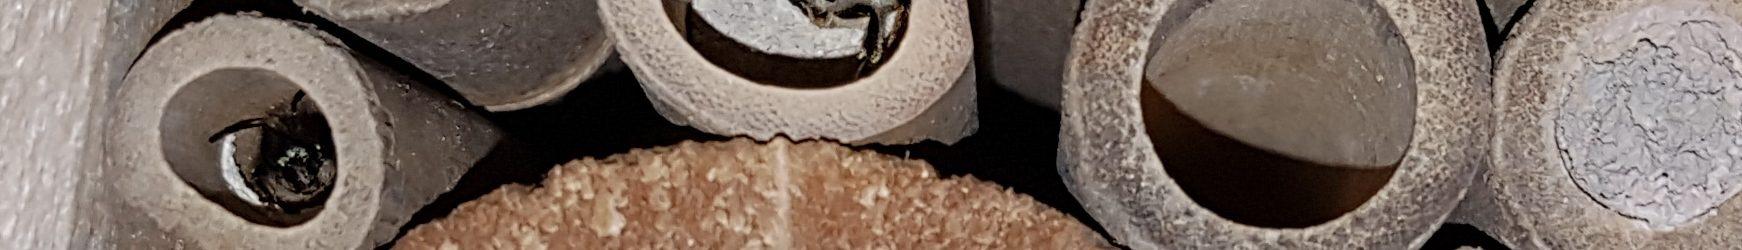 Unsere neuen Untermieter: Mauerbienen